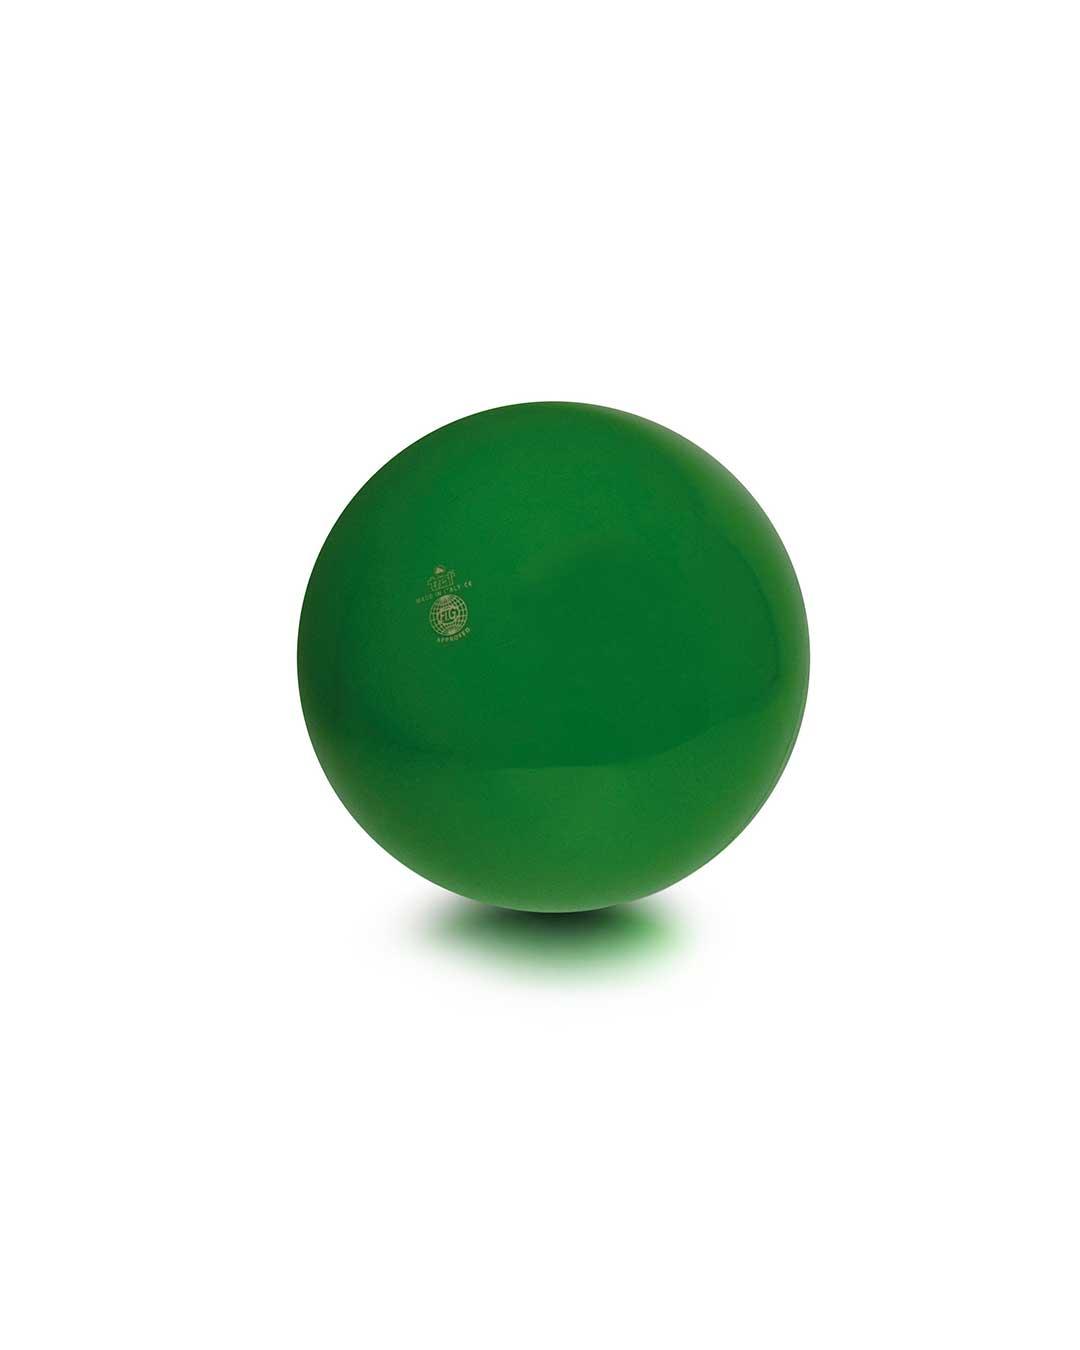 Balón liso de gimnasia rítmica TRIAL 42 verde Chile